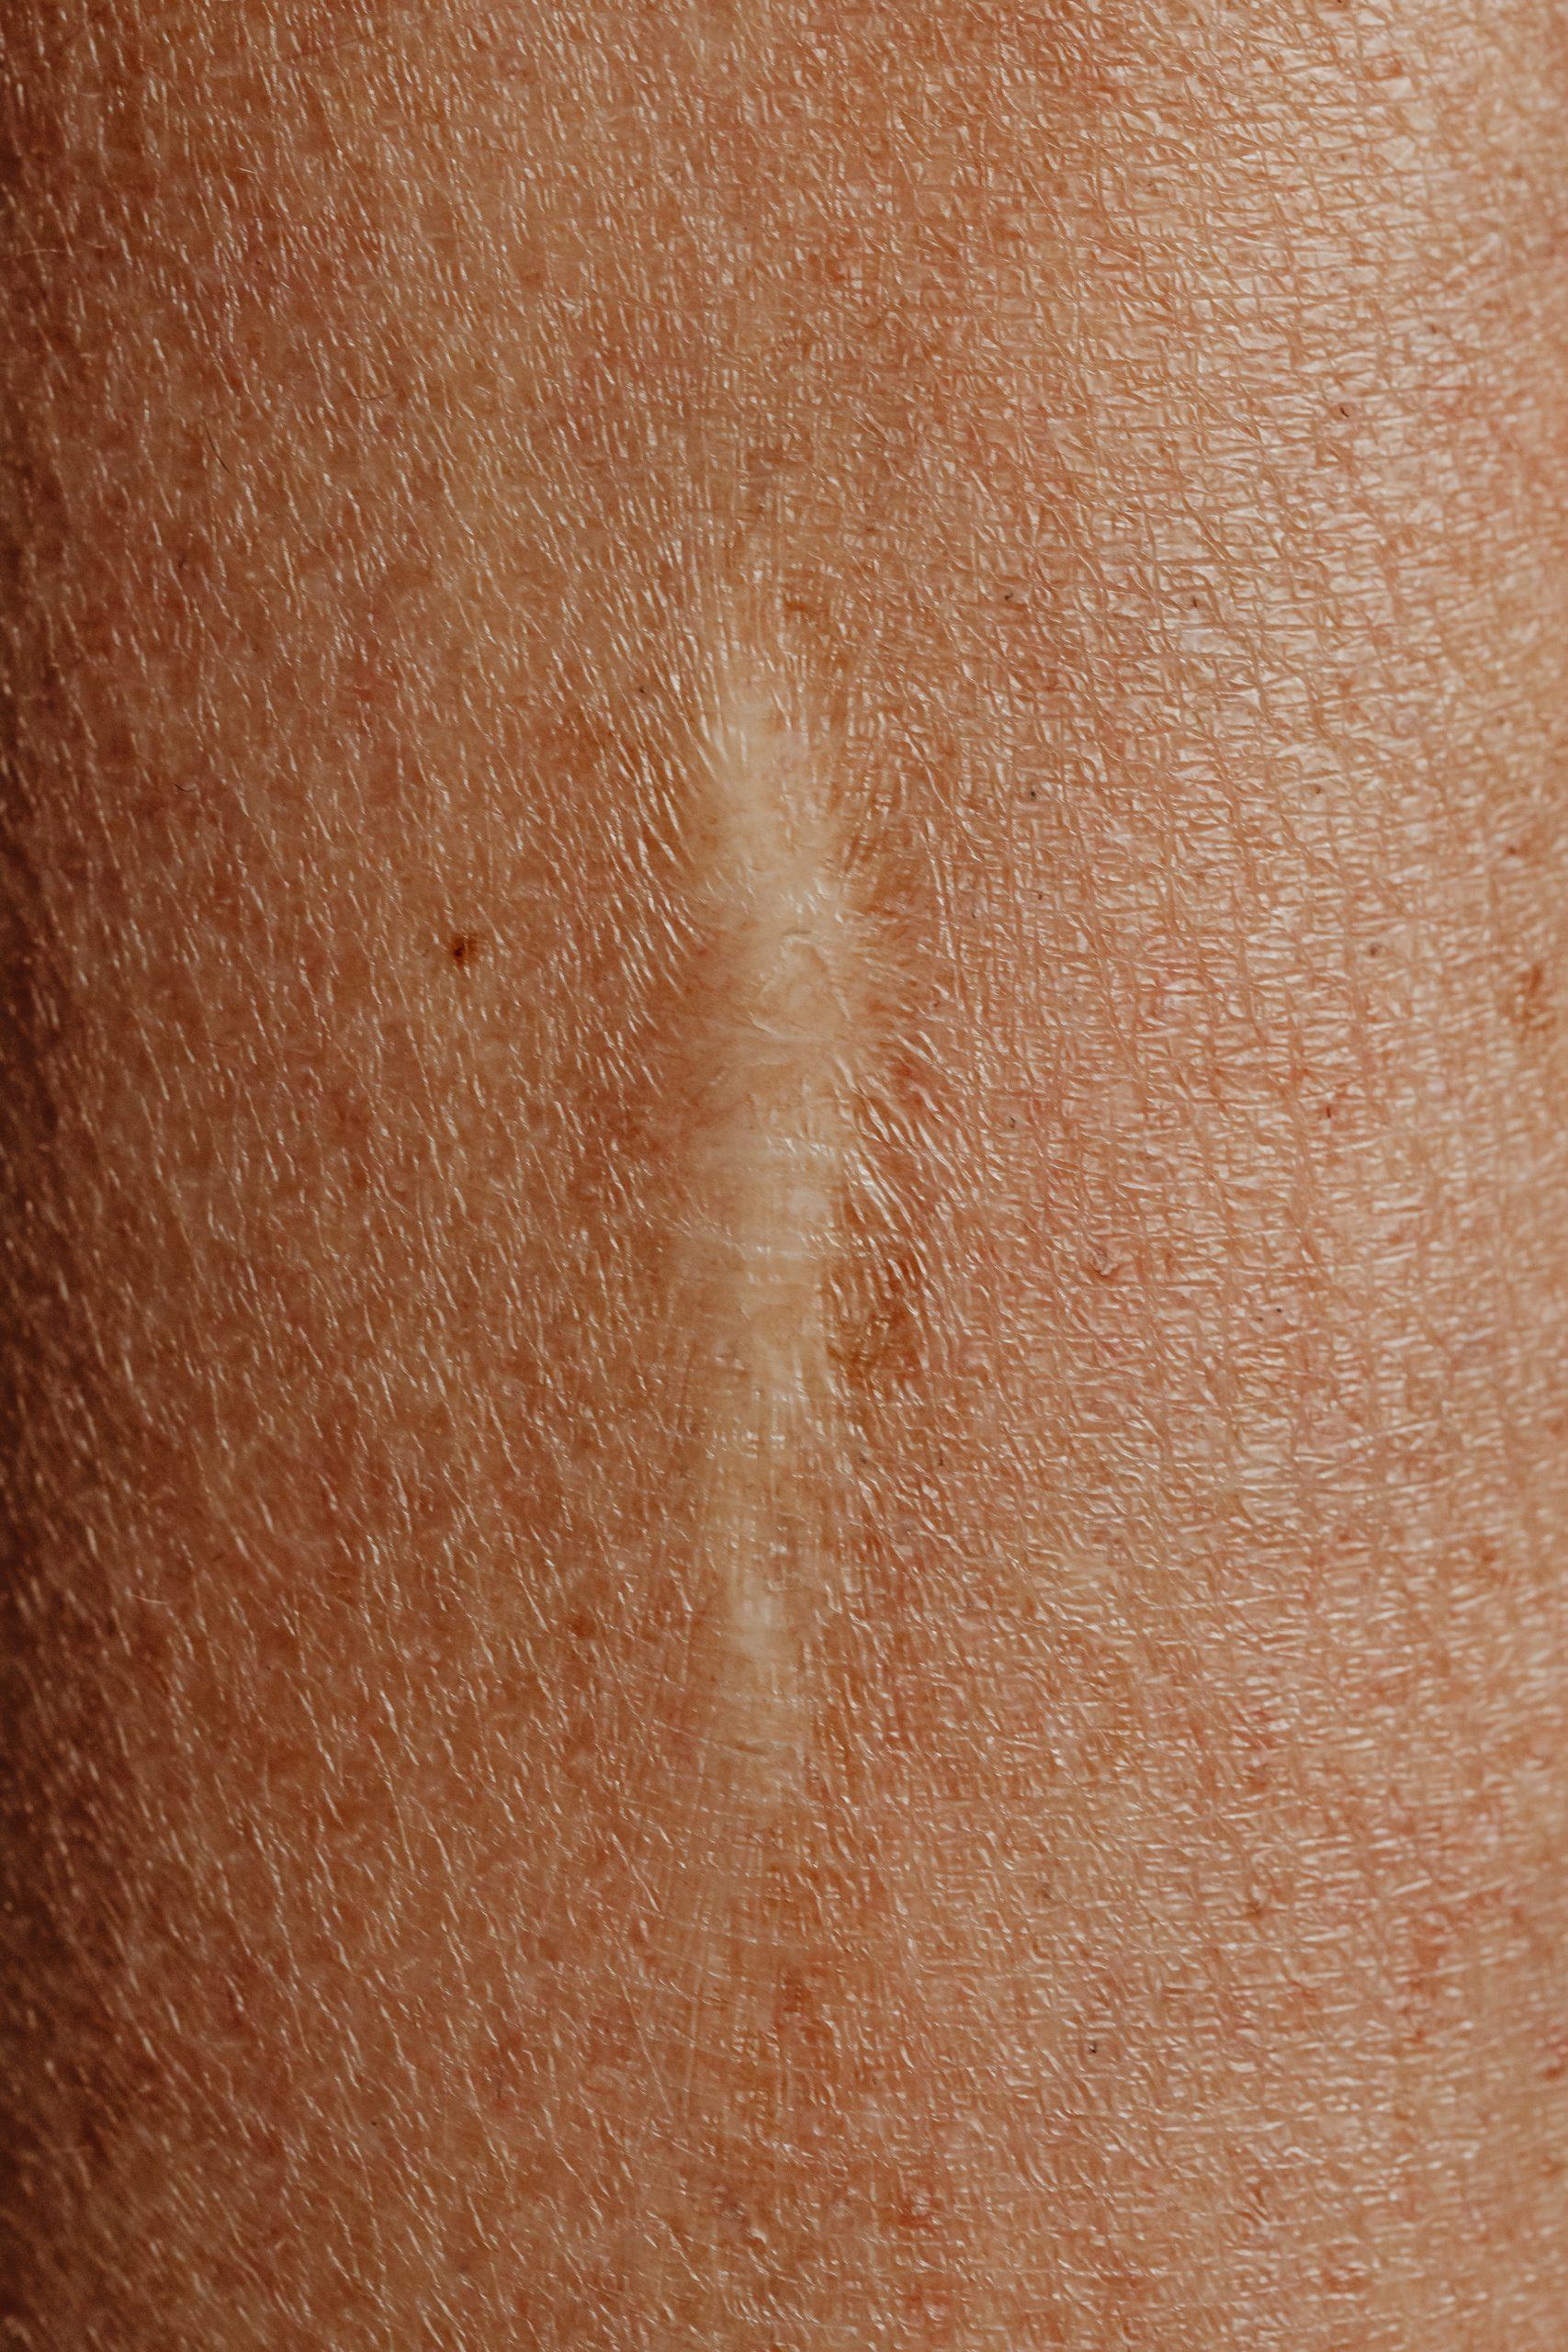 Atrofisch litteken, ofwel ingezonken litteken in de huid